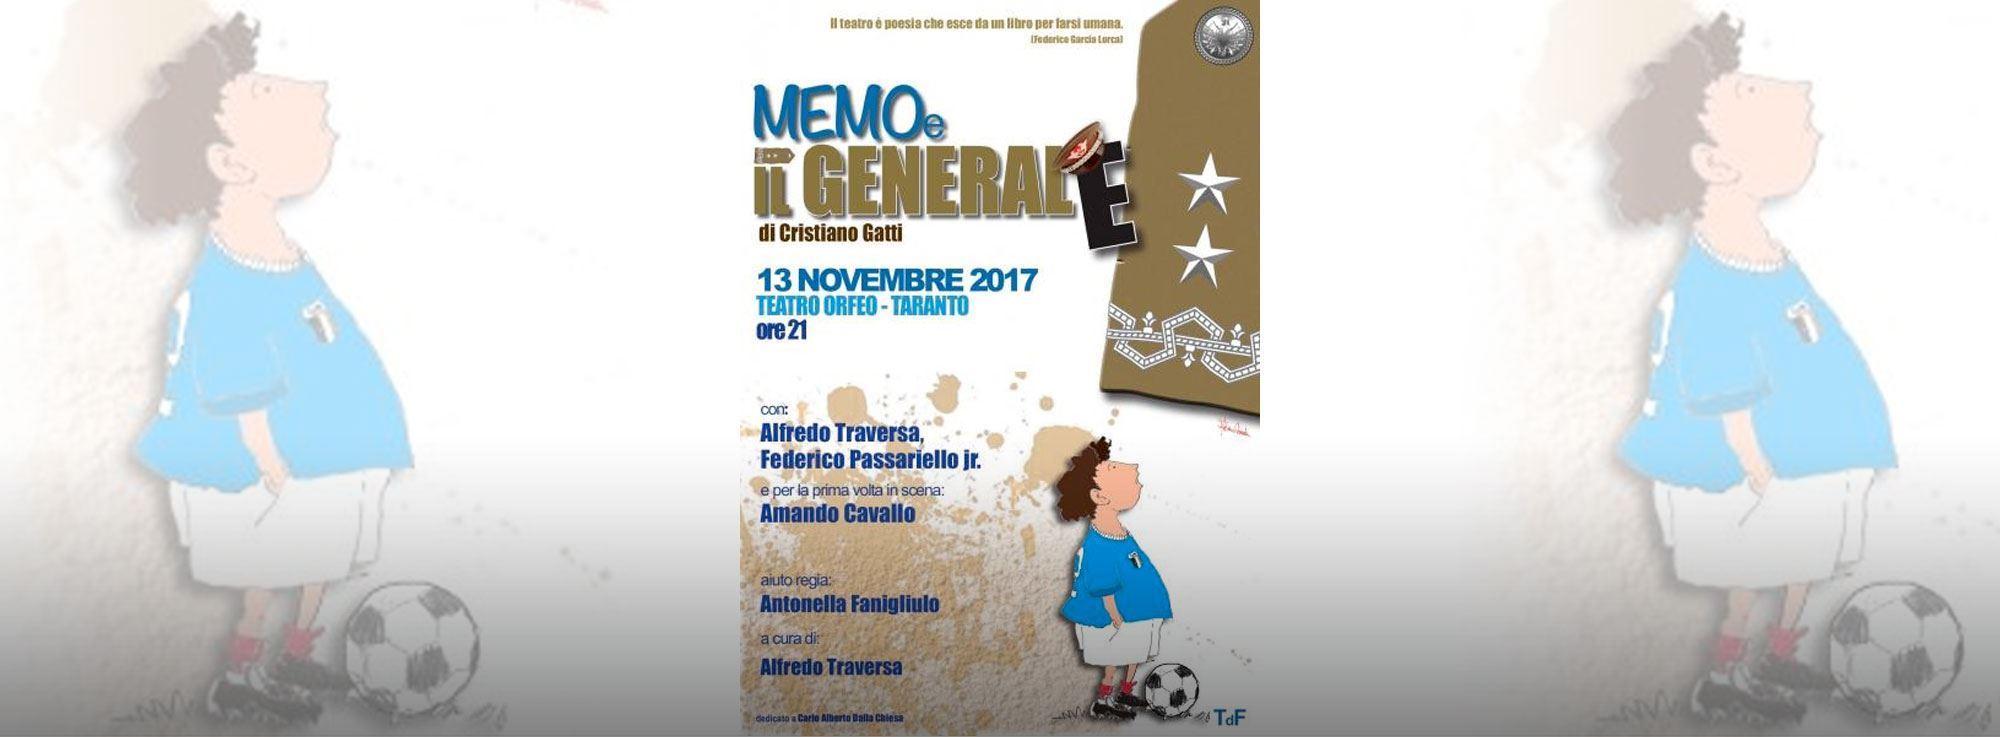 Taranto: Memo e il Generale